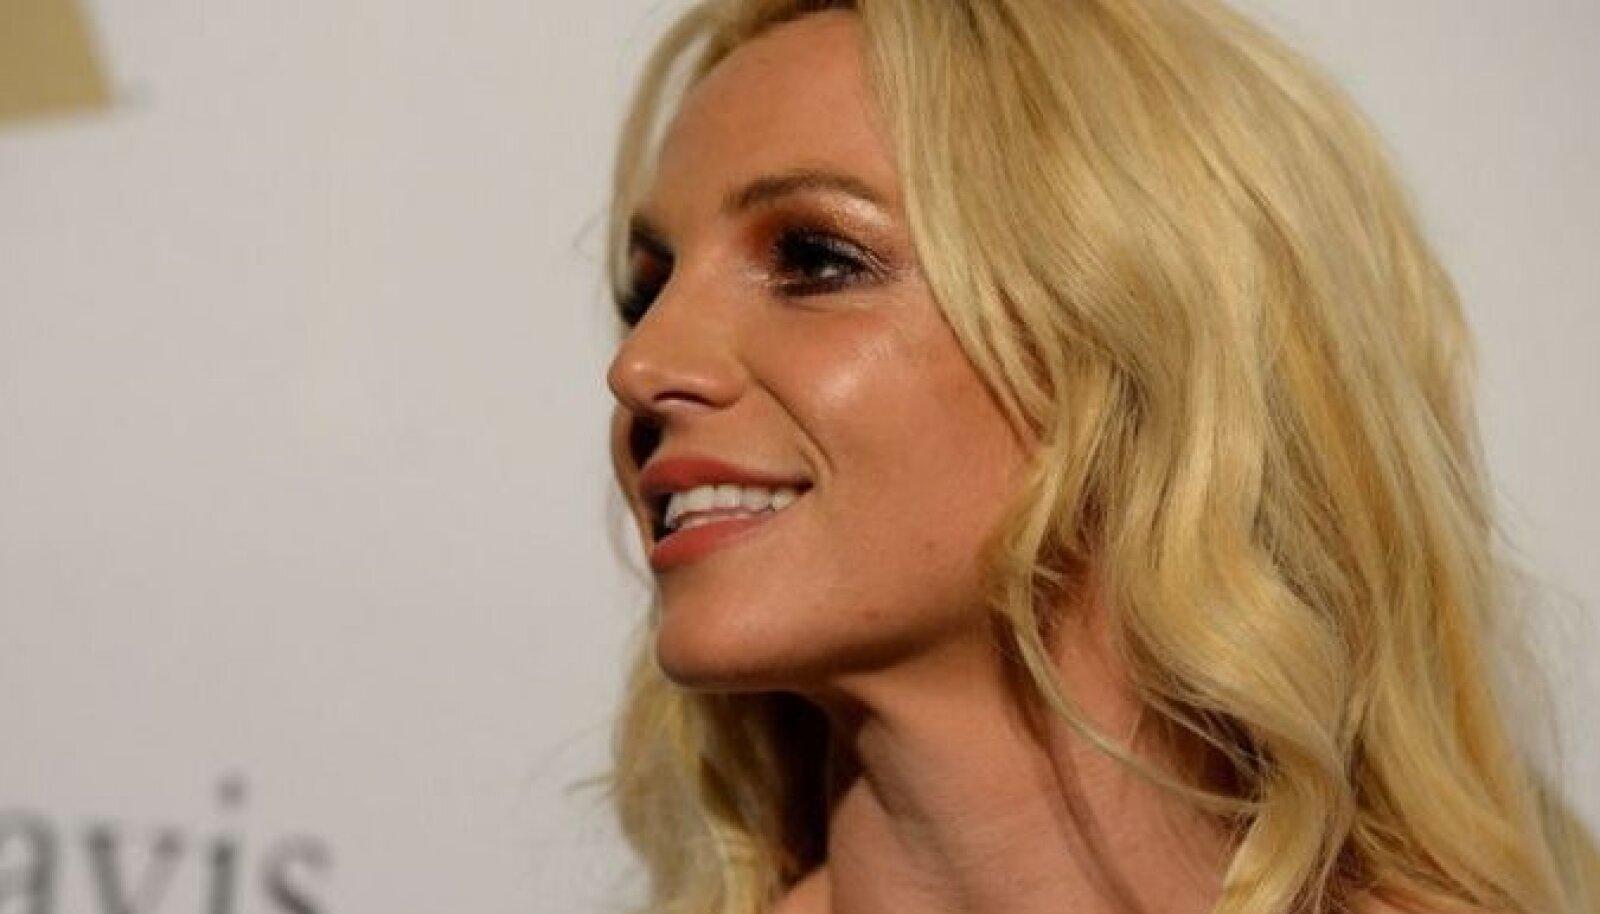 Бритни Спирс требует свободы от опекунства, но может ли она надеяться на успех?